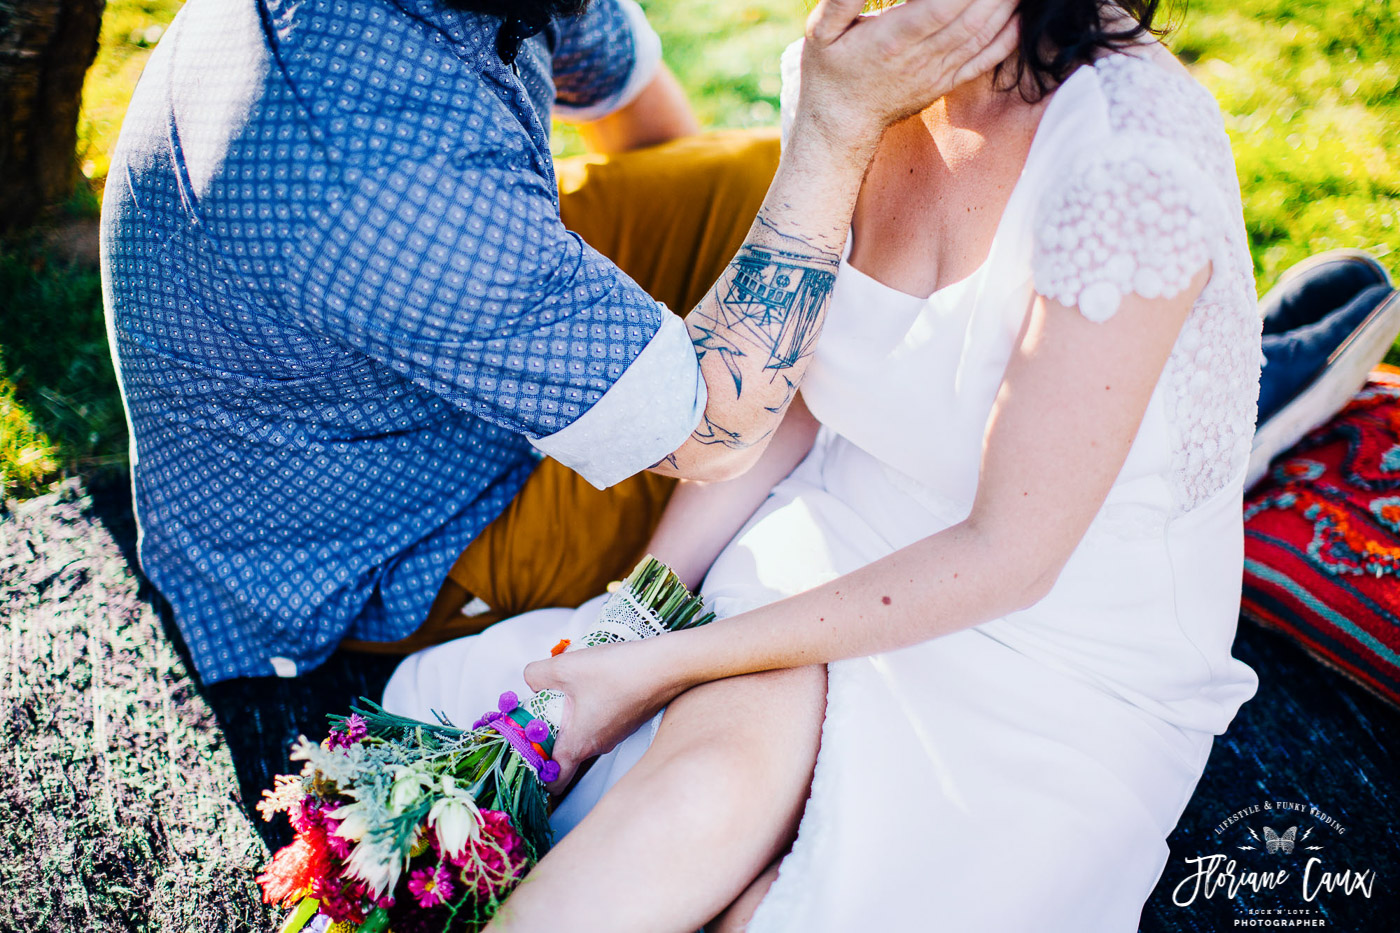 photographe-mariage-pays-basque-saint-jean-de-luz (4)